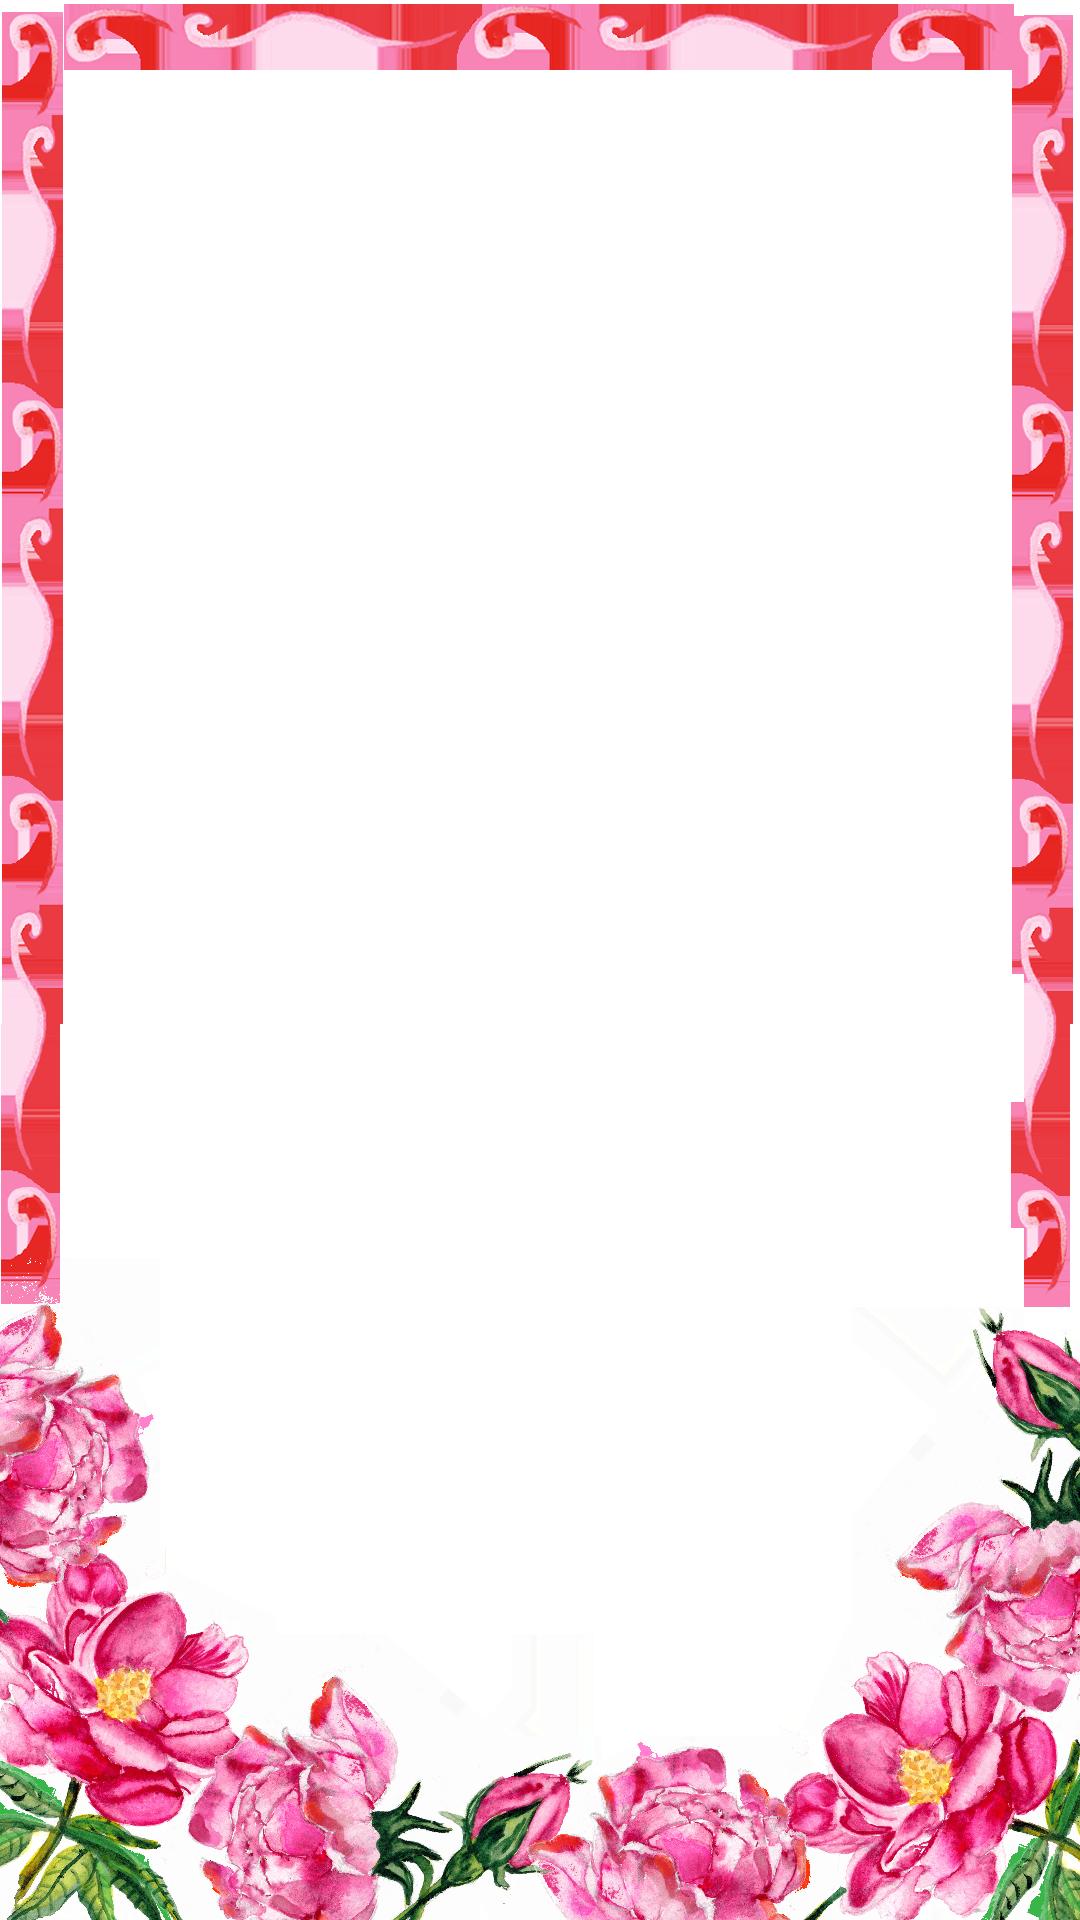 Pink transparent image arts. Floral border png